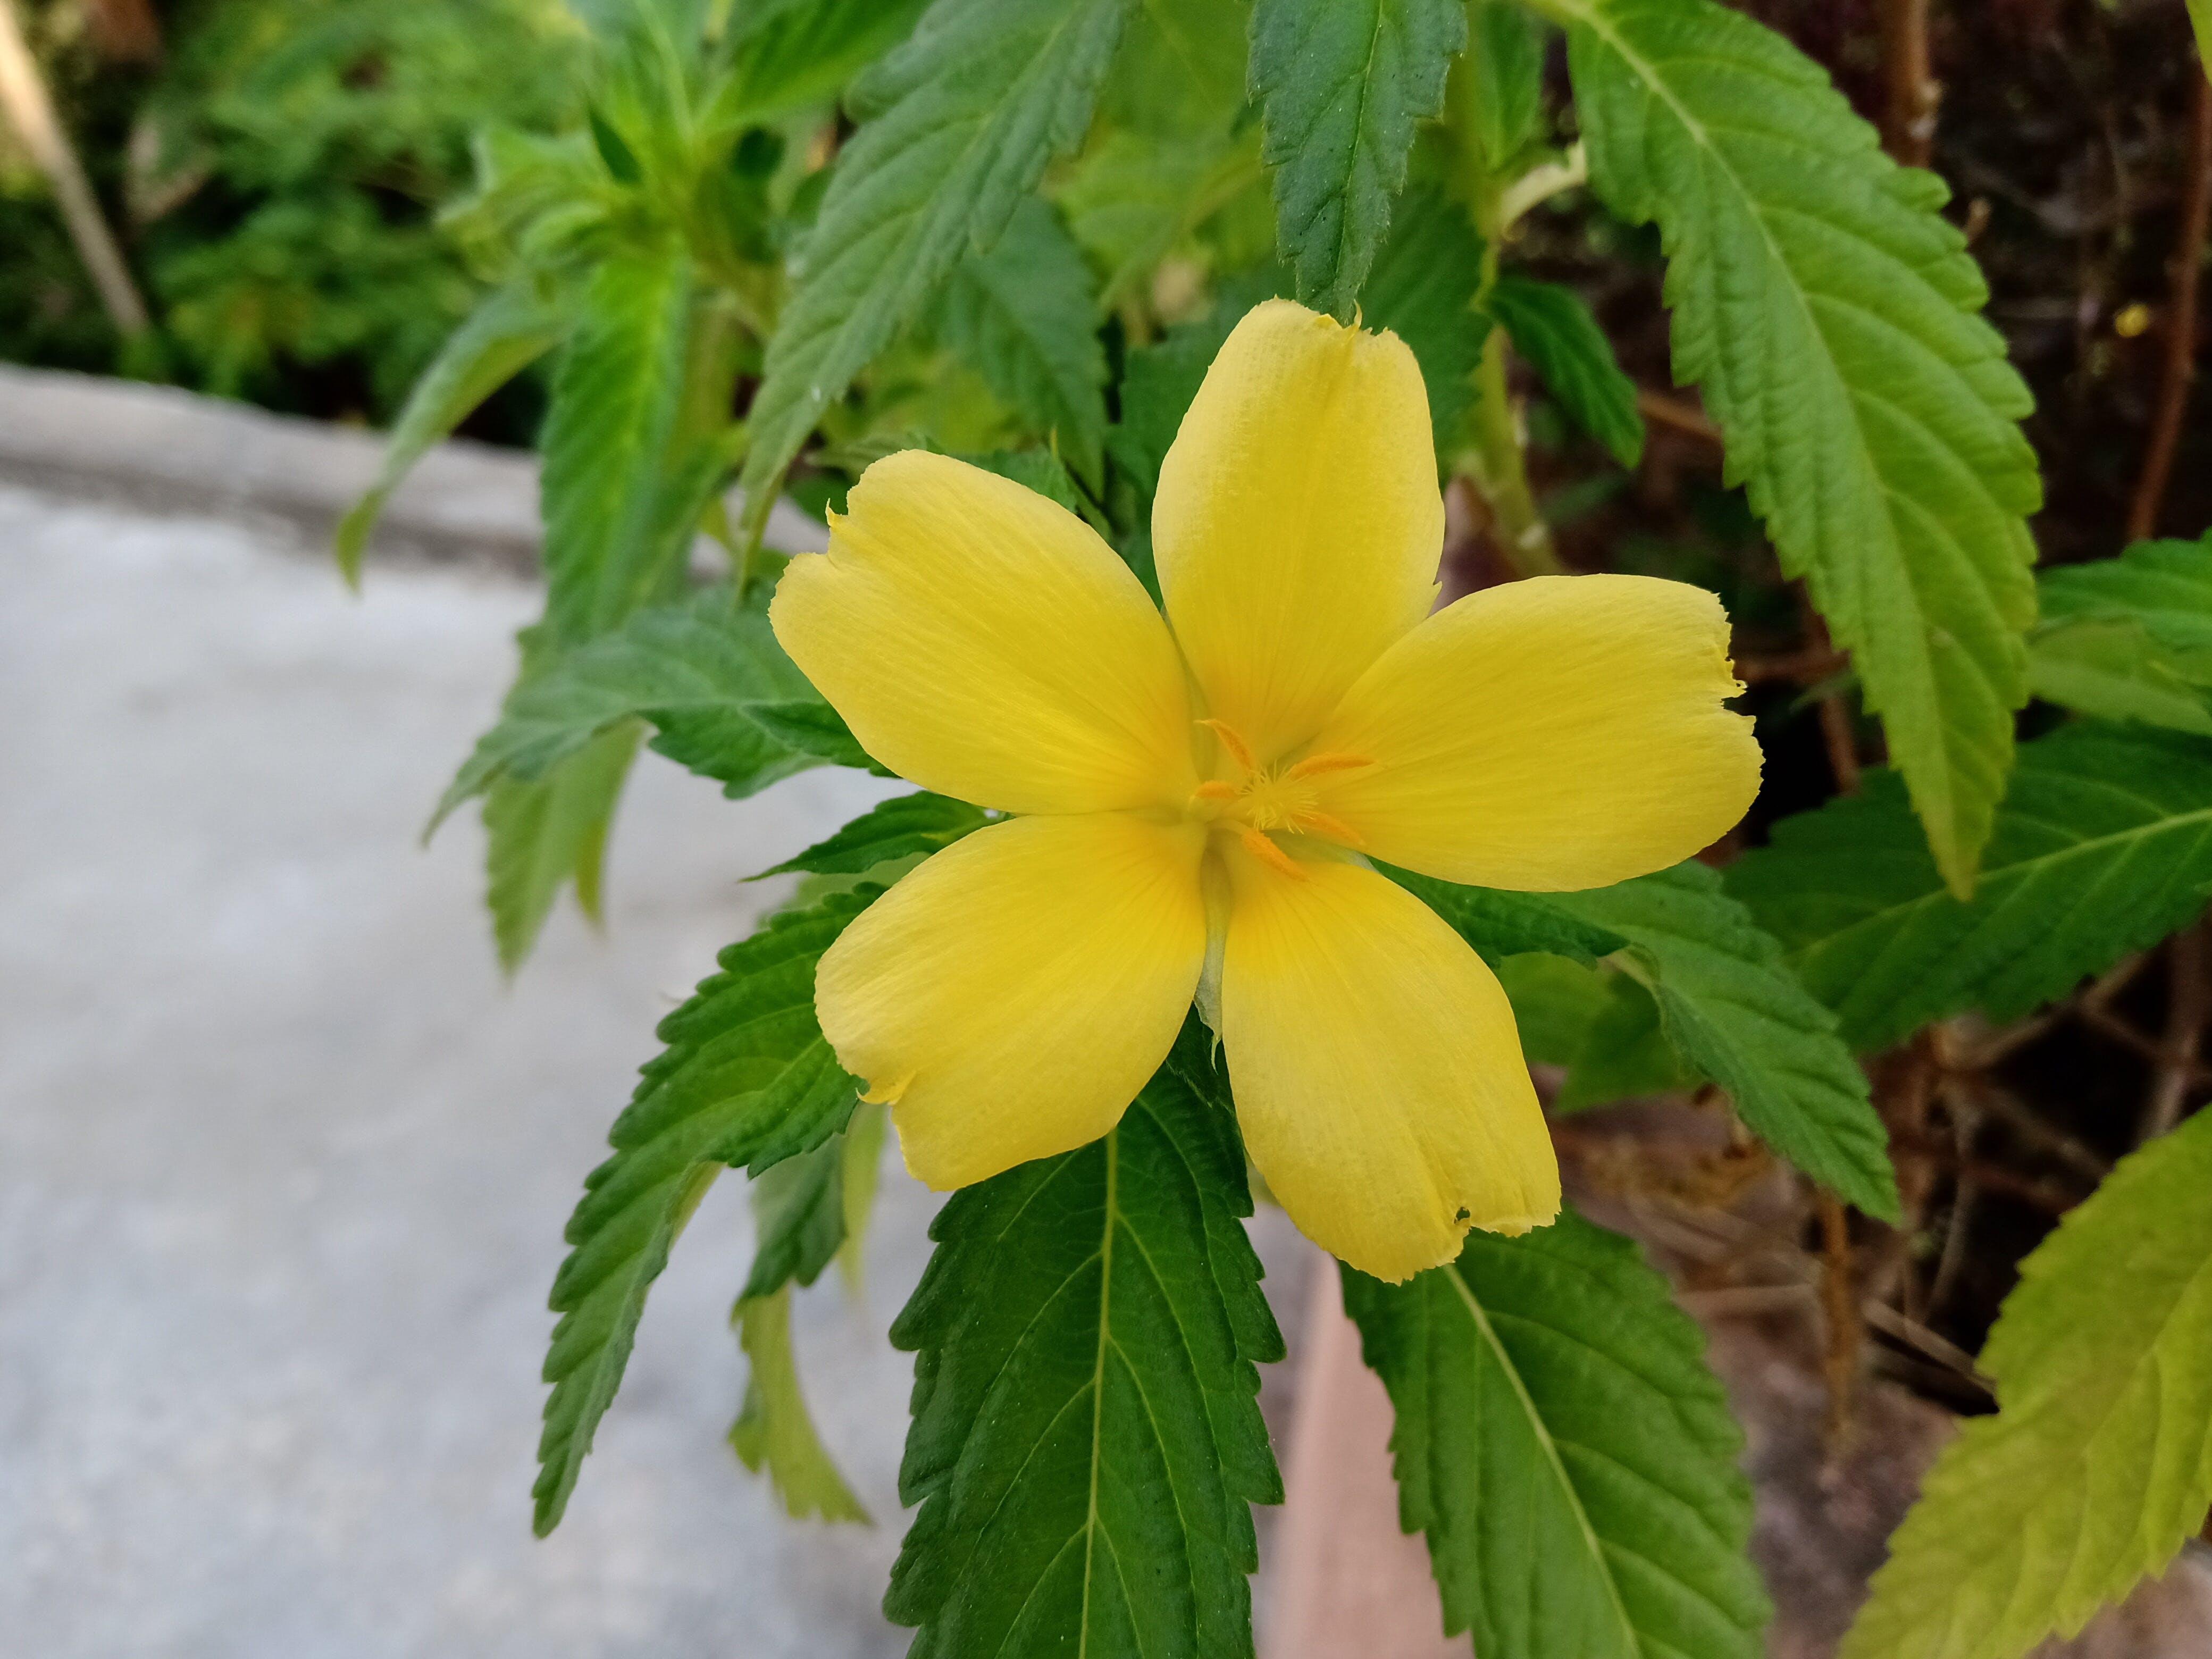 Fotos de stock gratuitas de belleza natural, medicina natural, mejores fondos de pantalla de alta definición, naturaleza